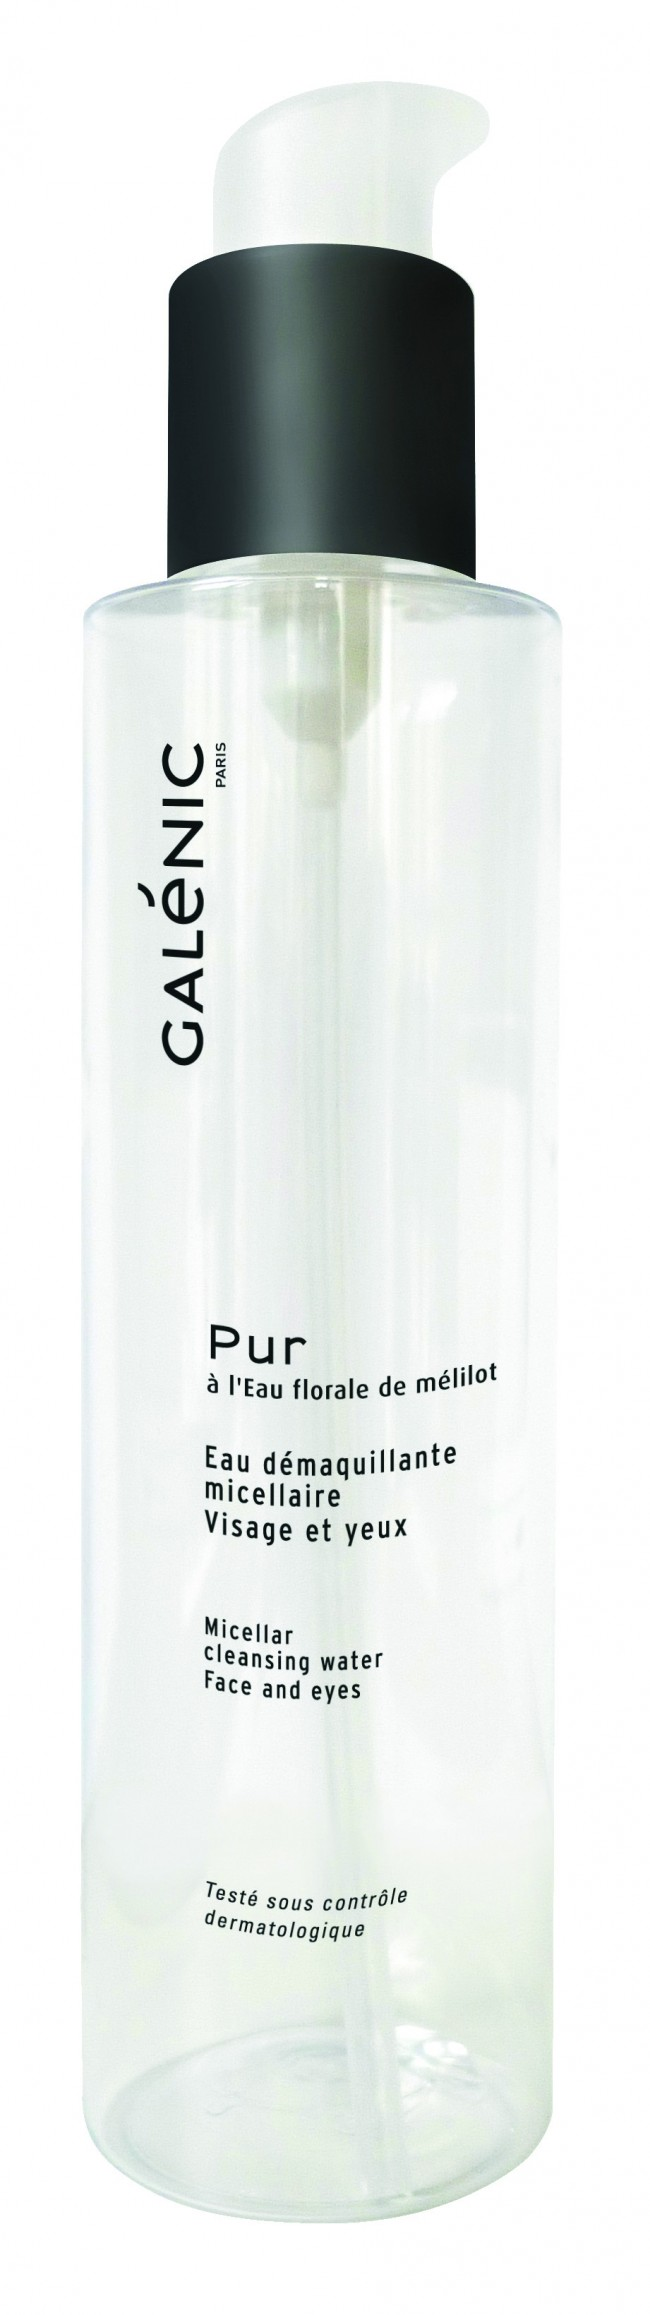 Galénic, Acqua micellare struccante viso e occhi (17.80 euro)